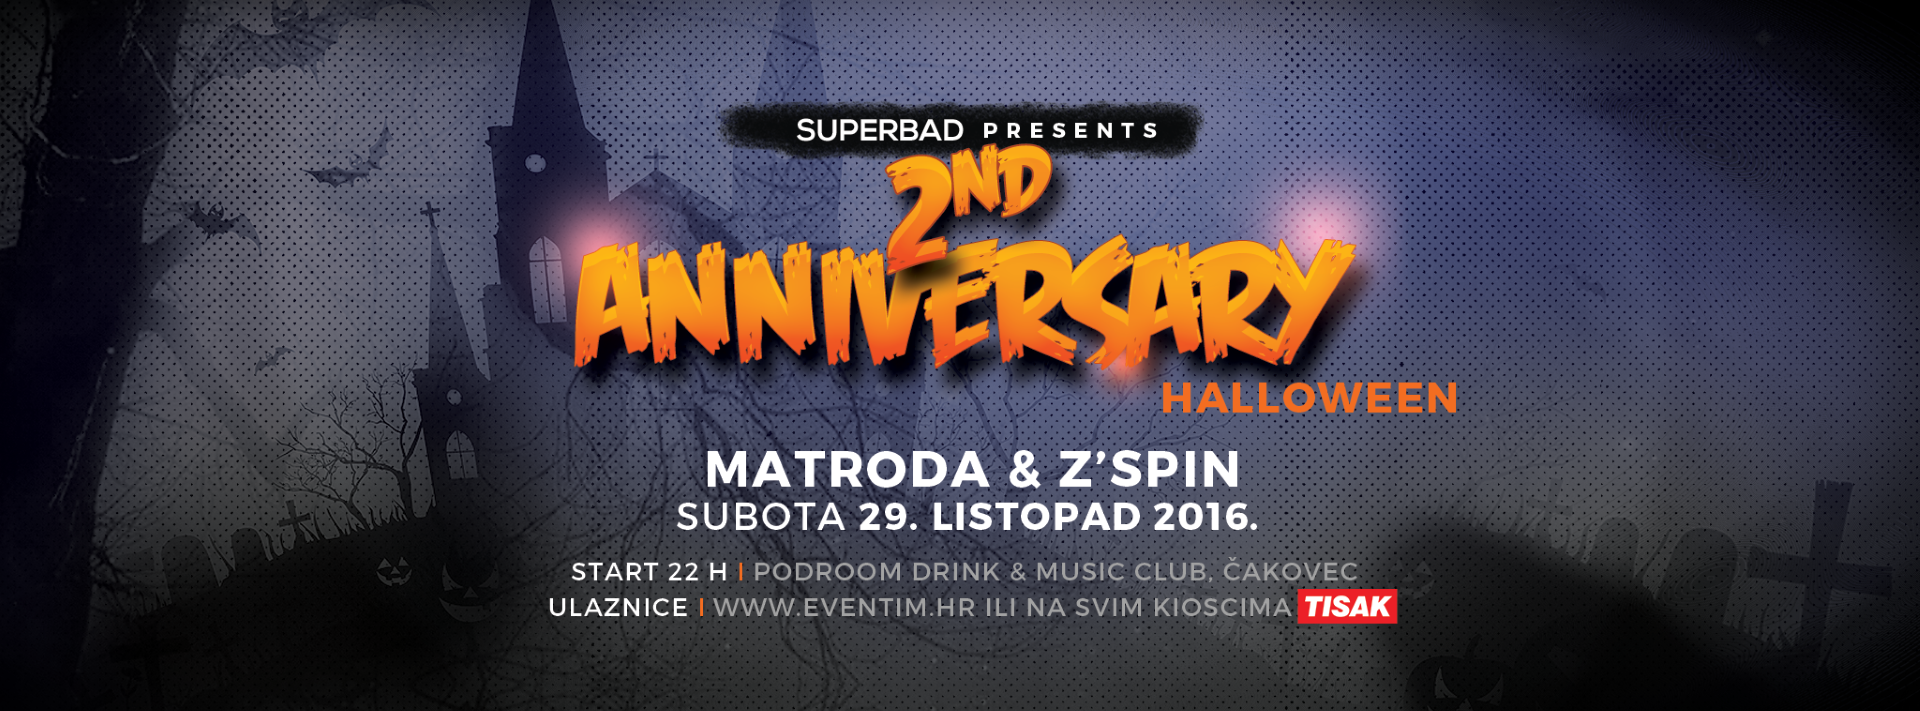 Photo of Čakovec obilježava drugu godišnjicu programa Superbad